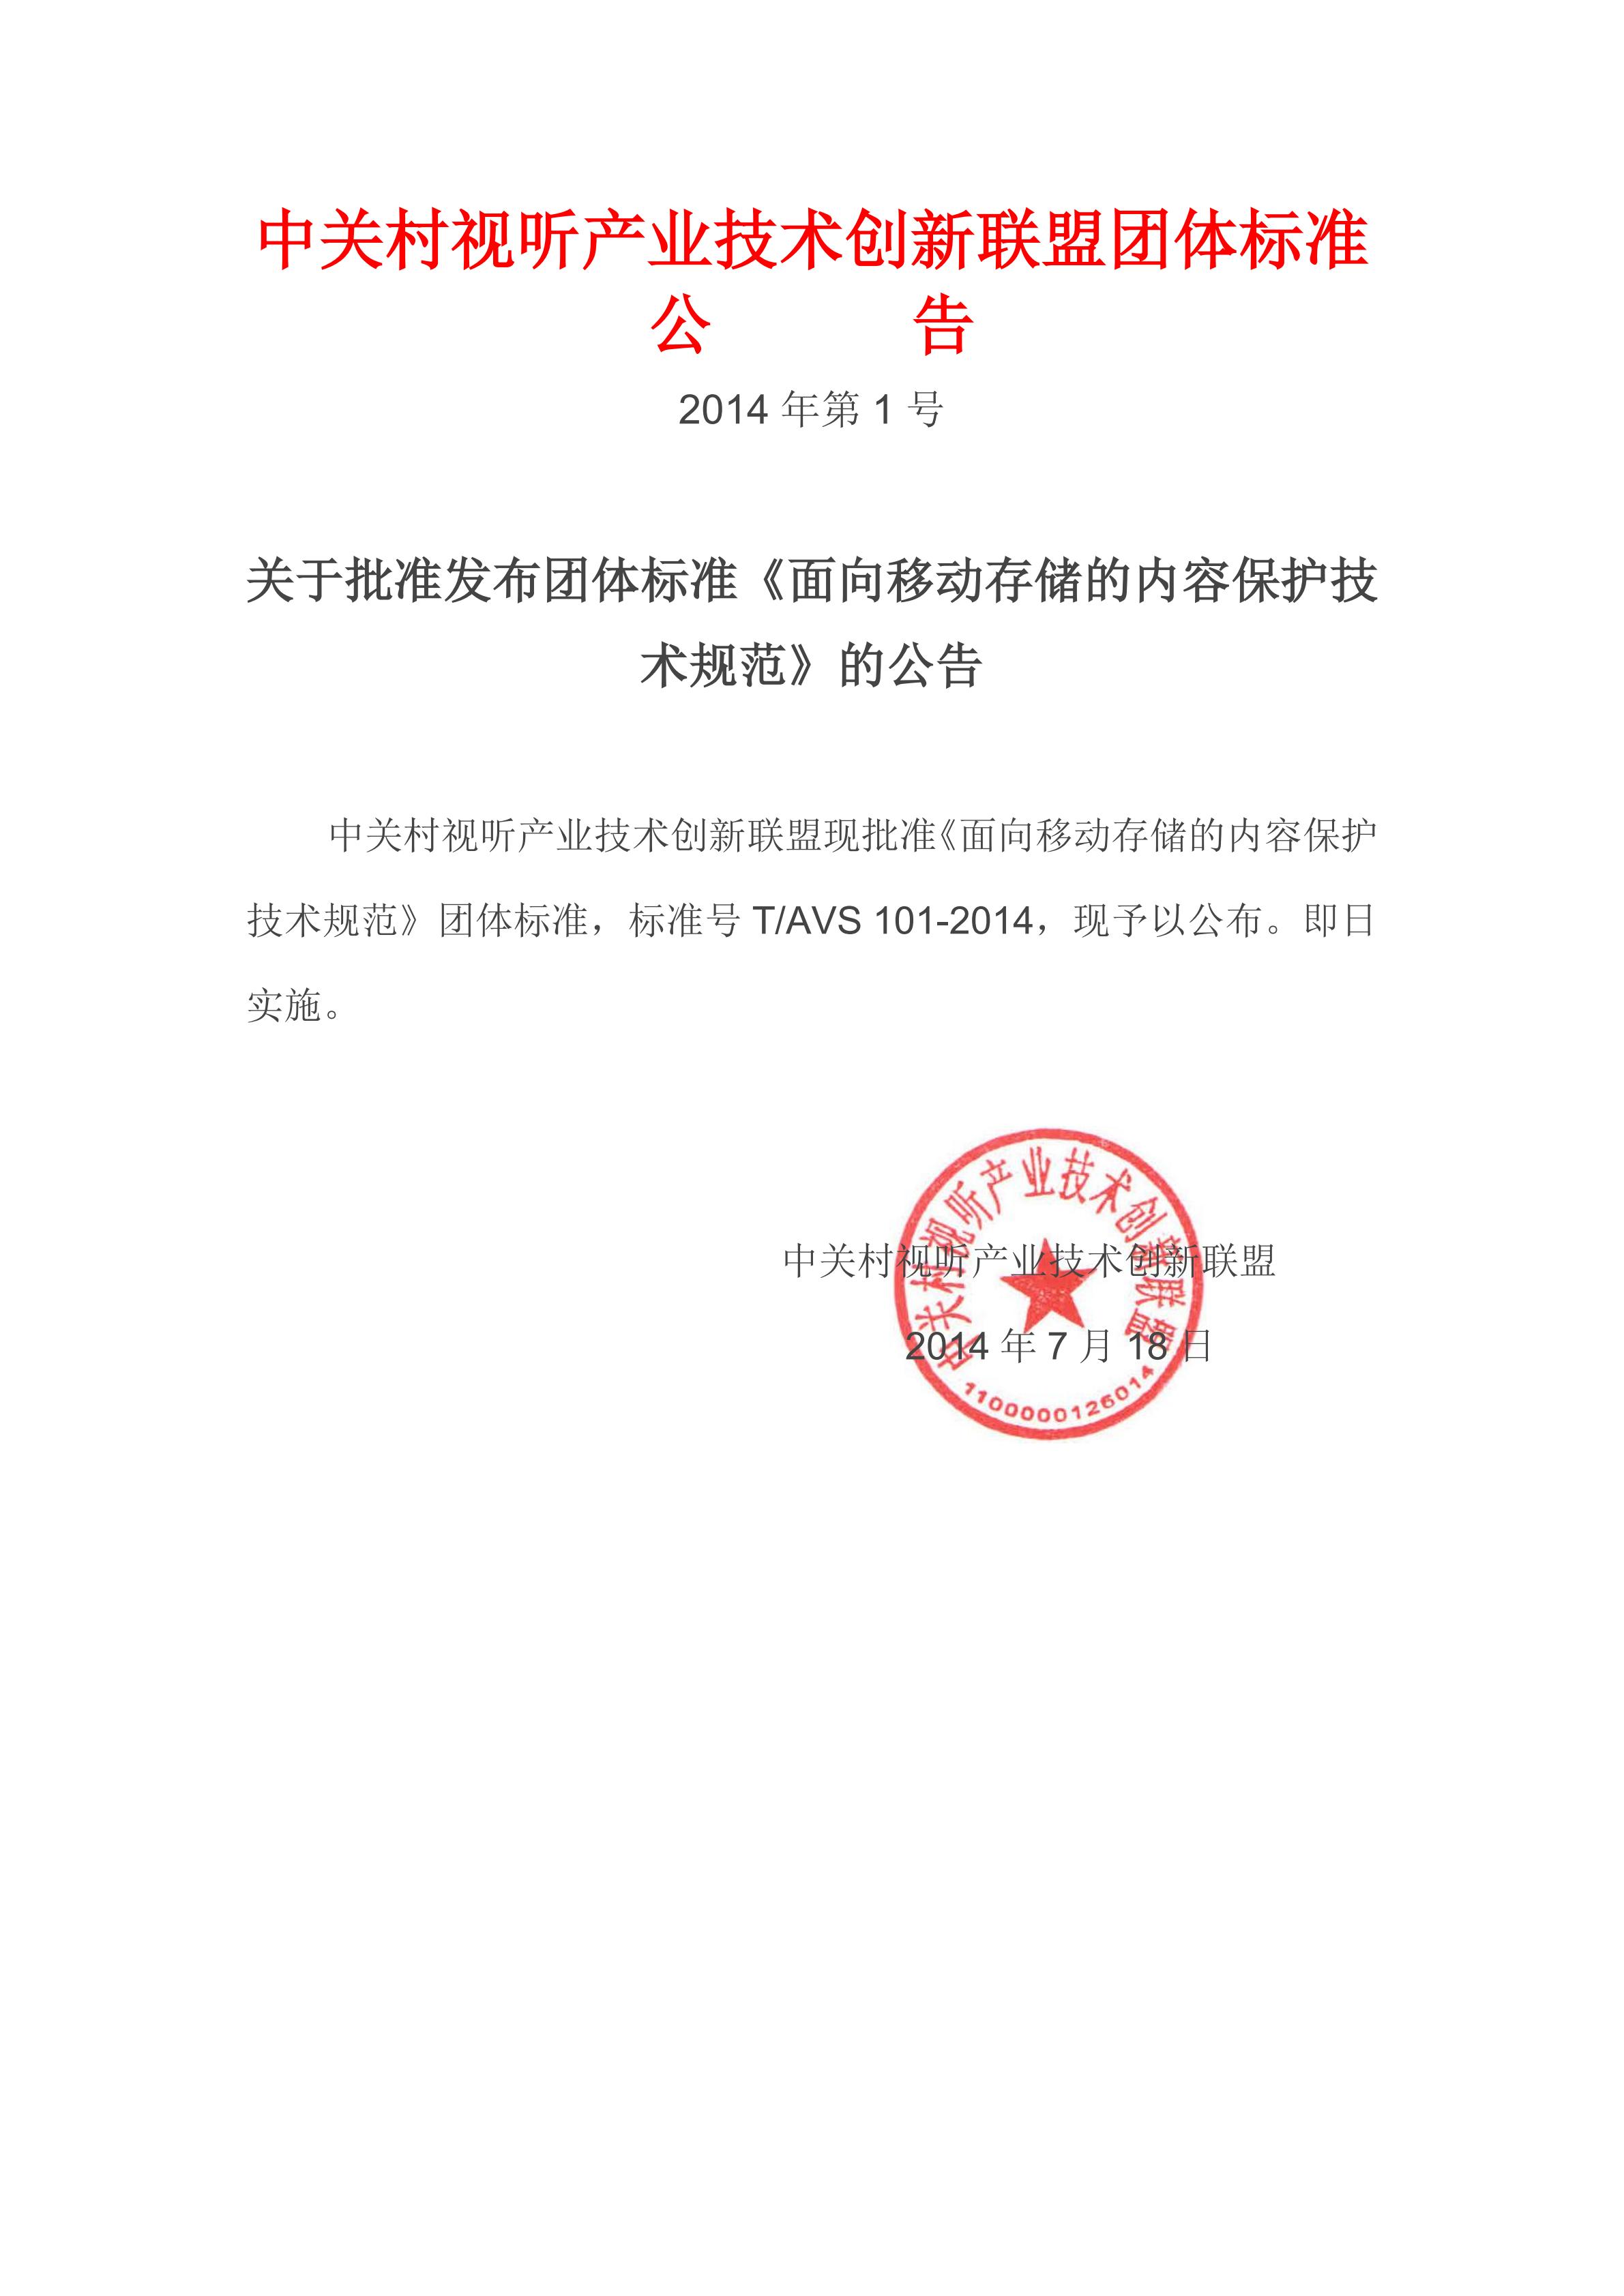 1.2014团体标准发布公告-面向移动存储的内容保护技术规范_00.png